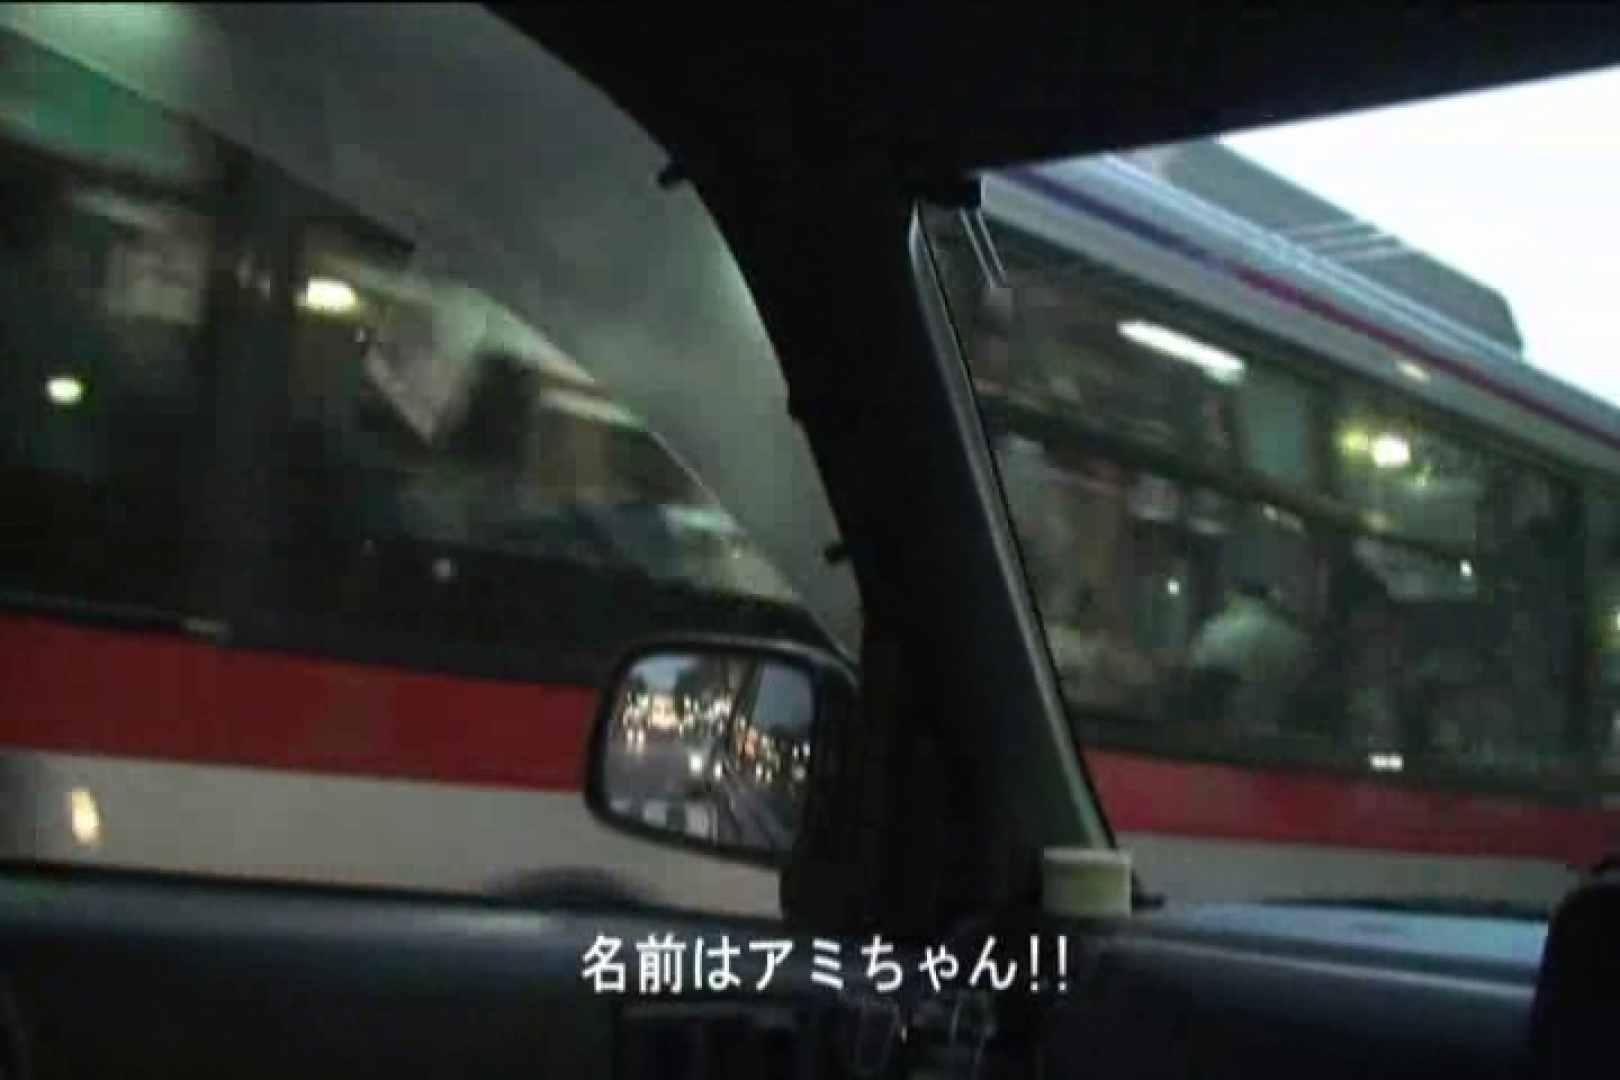 車内で初めまして! vol01 投稿 | ハプニング映像  102PIX 1